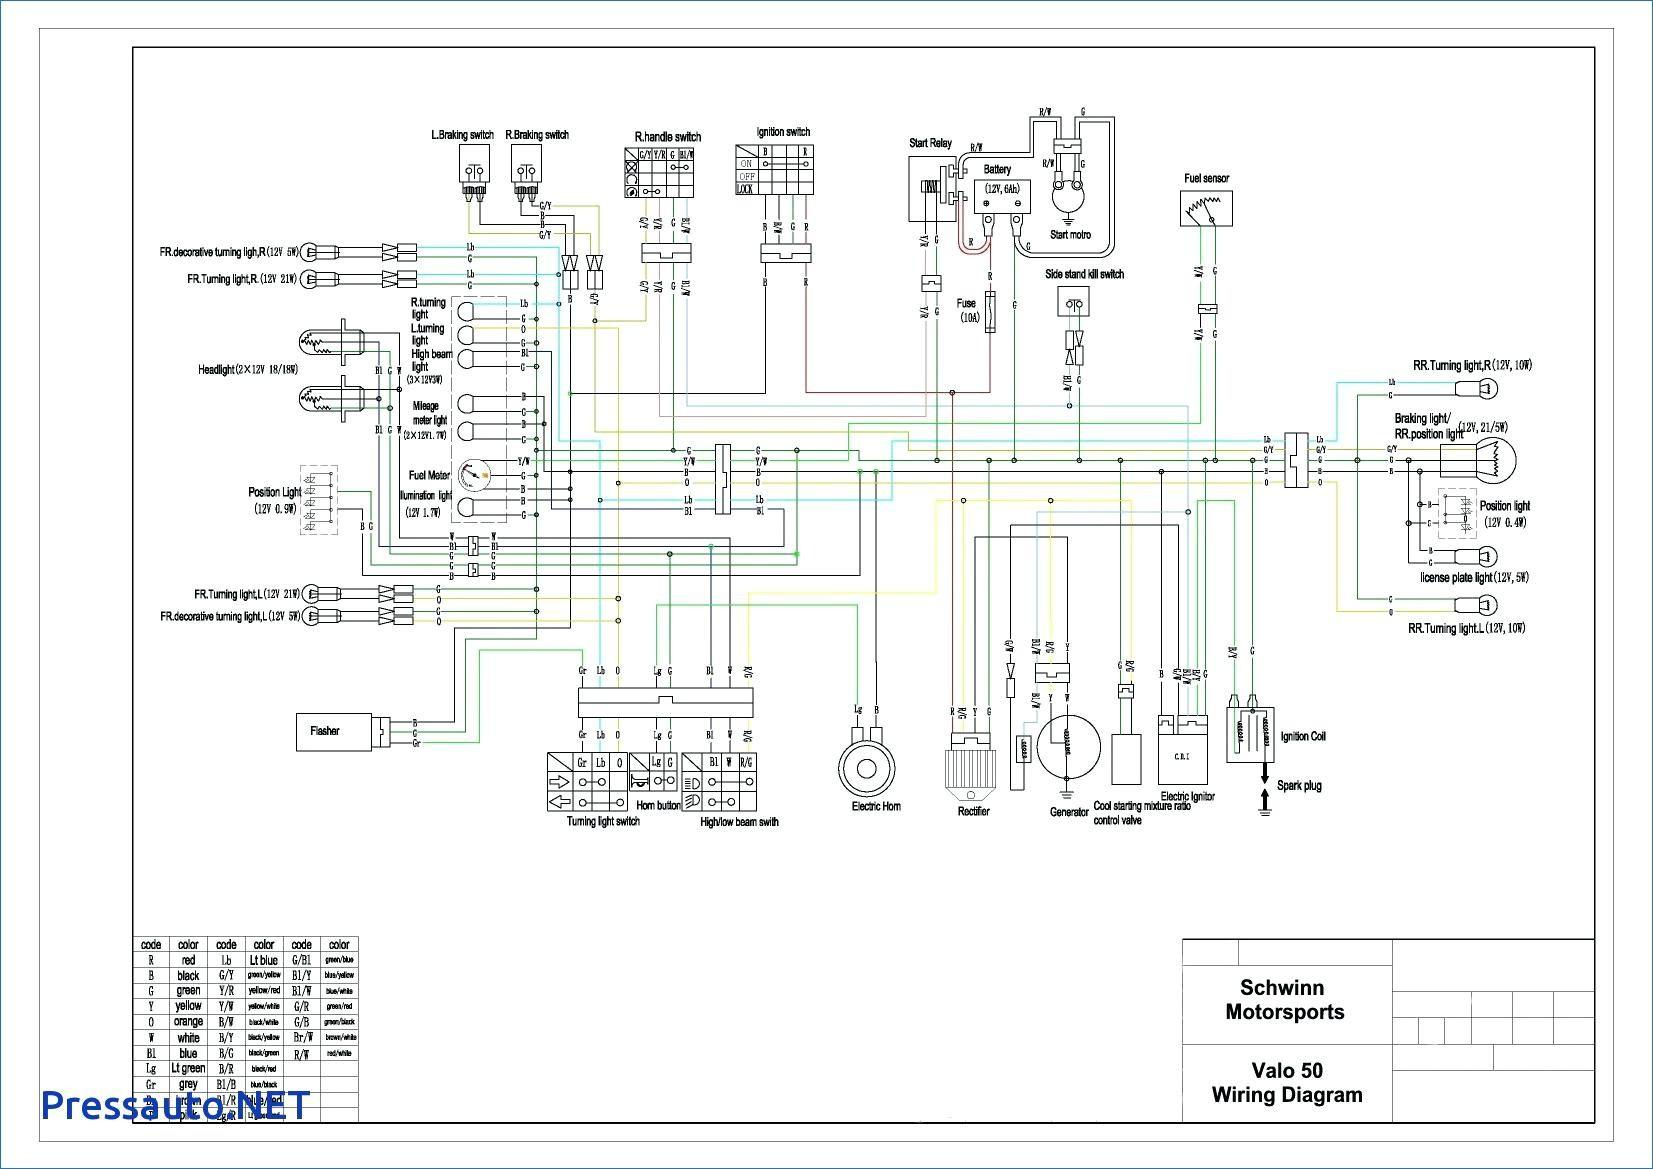 statements diy speaker wiring diagram wiring diagrams schema diy wiring  projects statements diy speaker wiring diagram